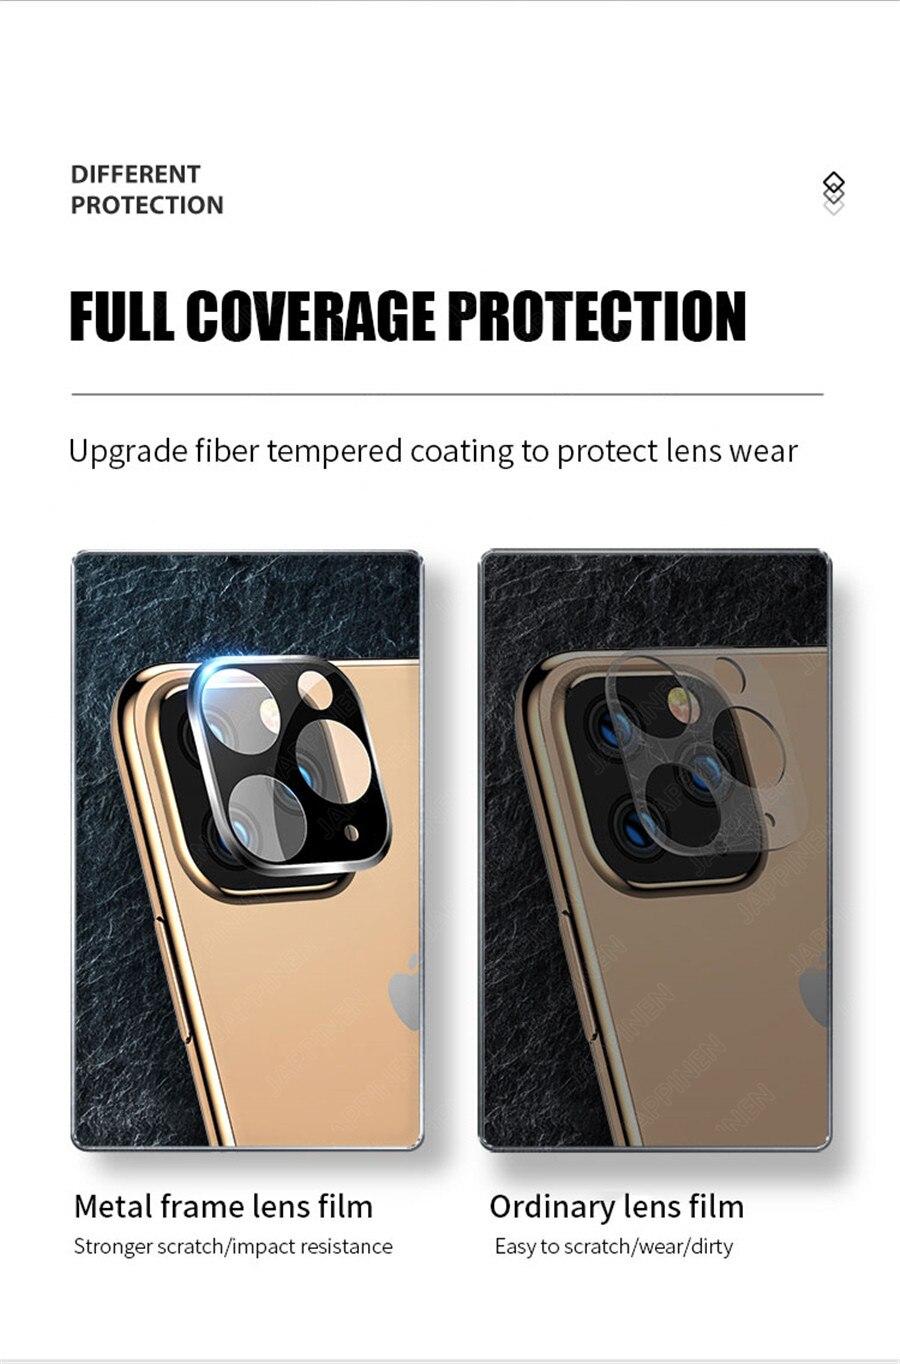 Объектив камеры полное покрытие защитное металлическое кольцо+ закаленное стекло для iPhone 11 Pro XS Max XR X задняя камера объектив защитный чехол